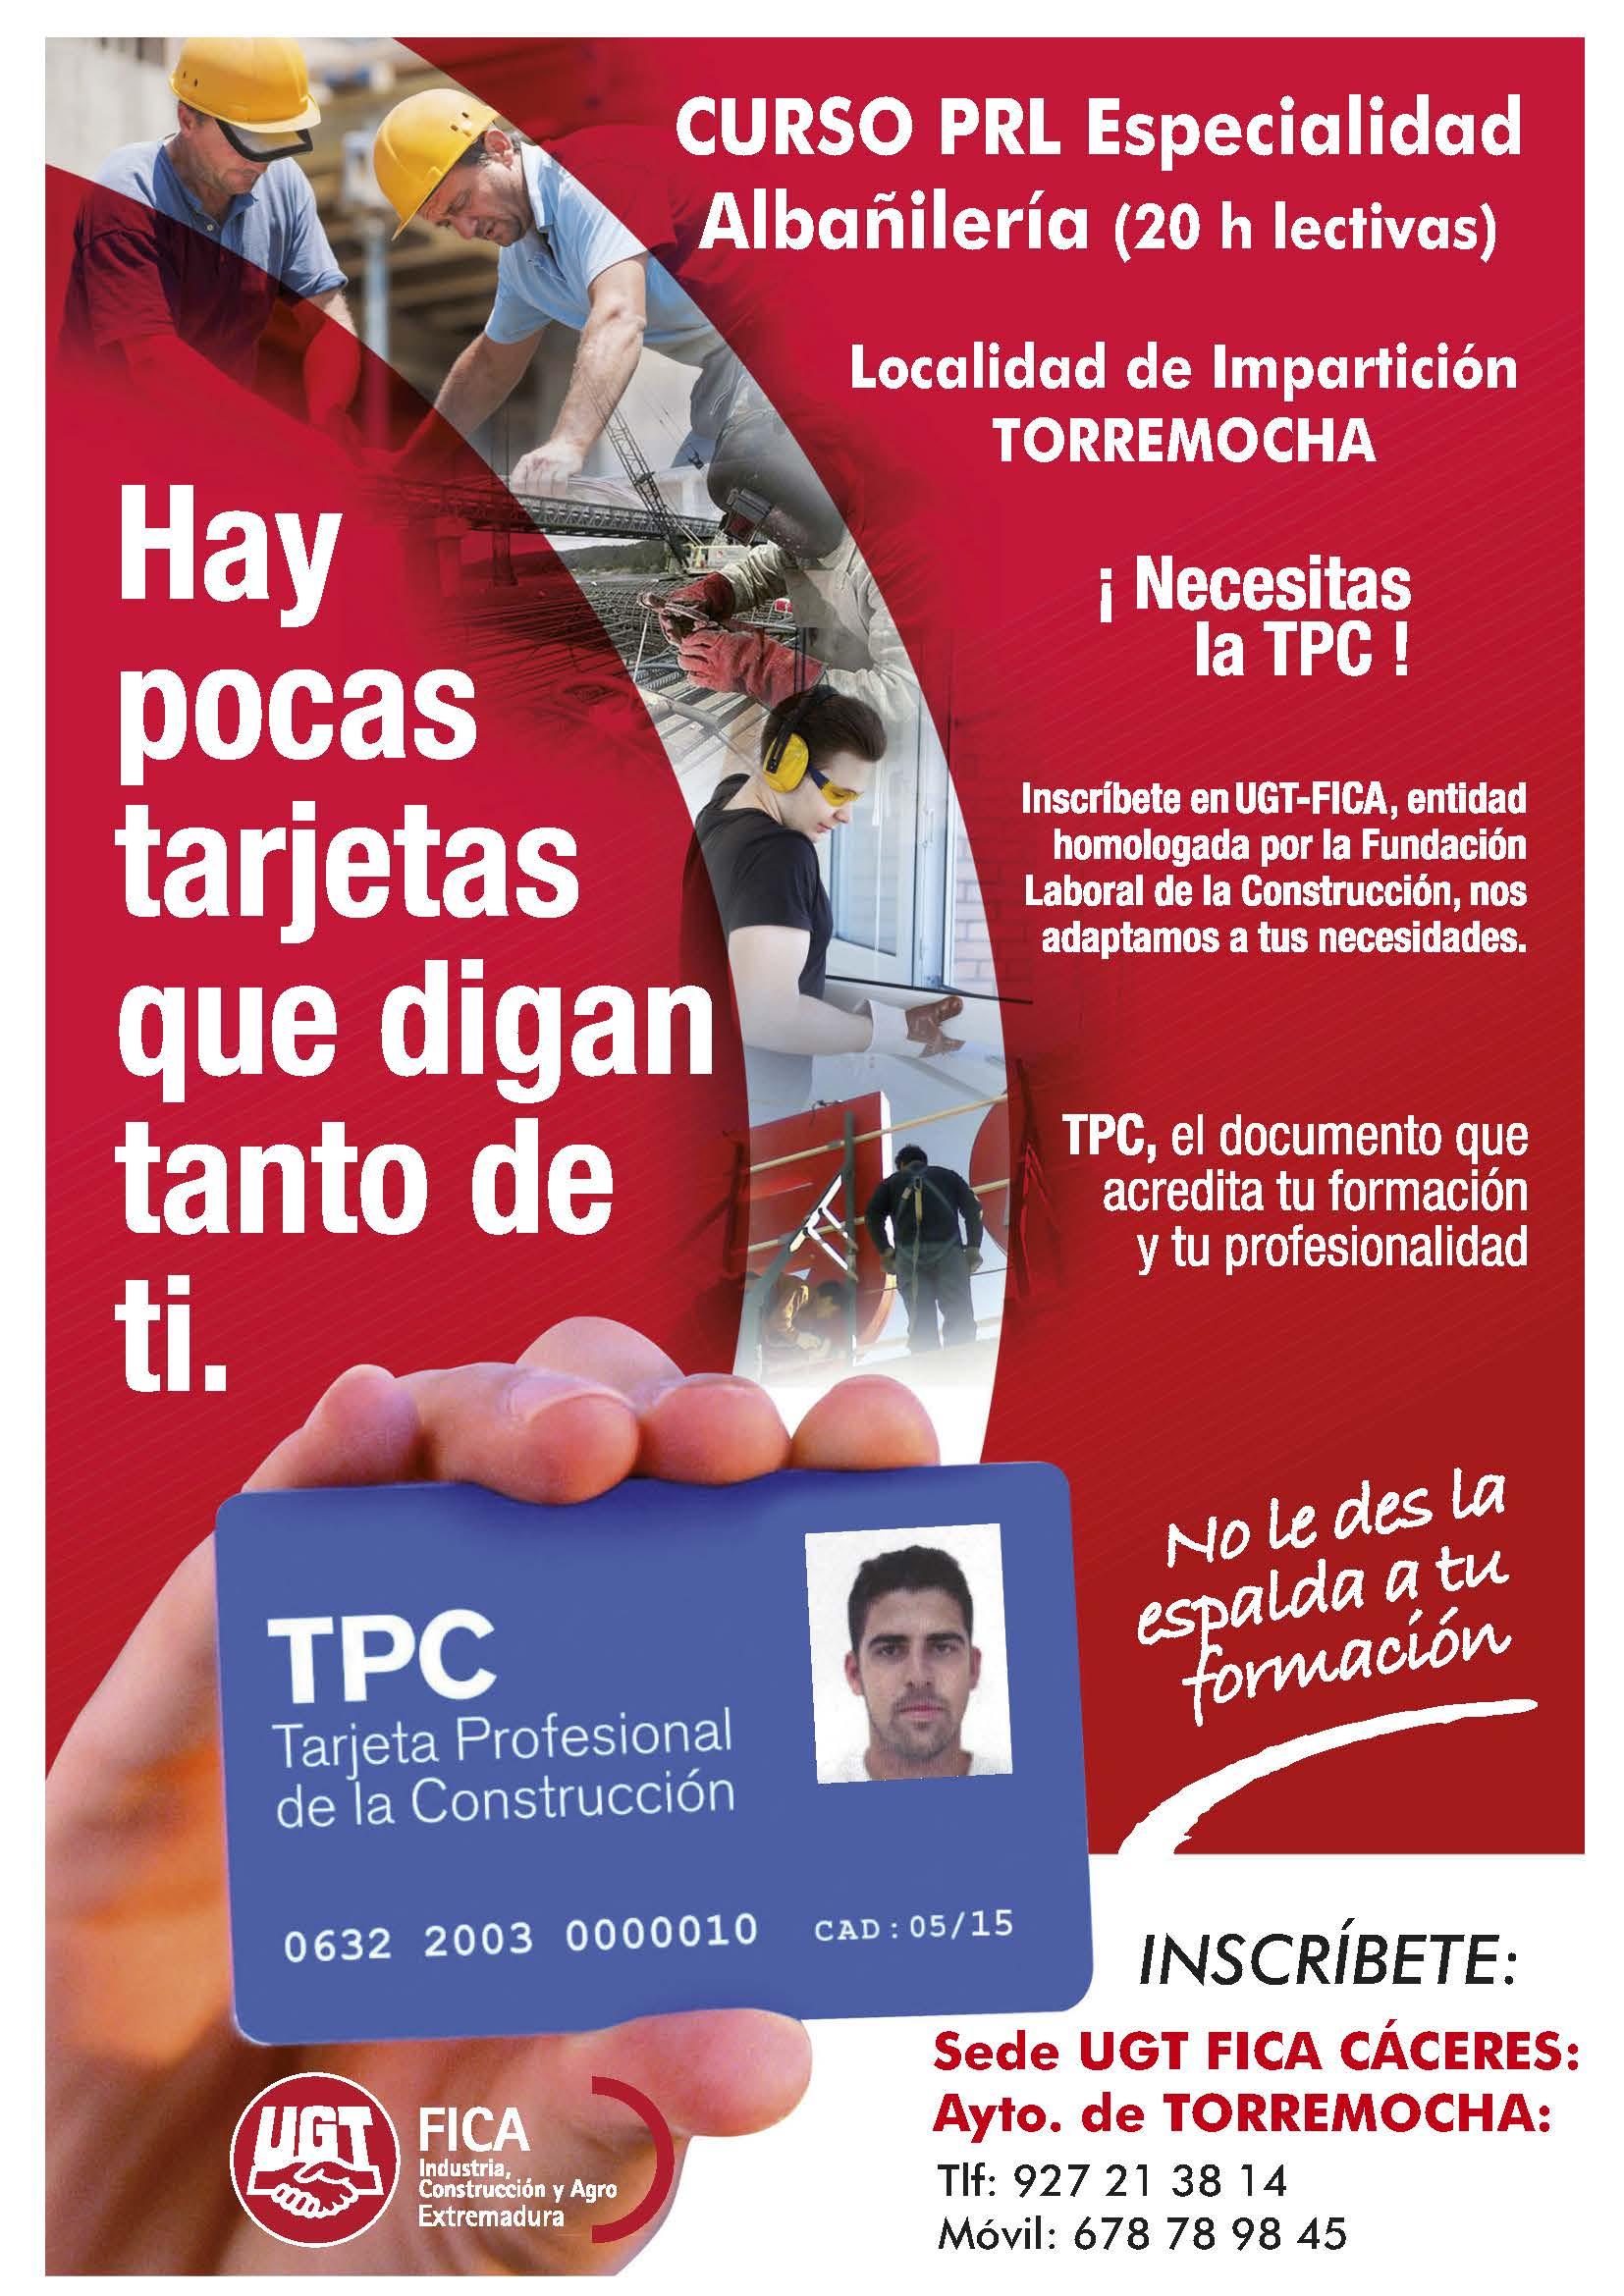 Curso PRL albañilería 2020 - Torremocha (Cáceres)